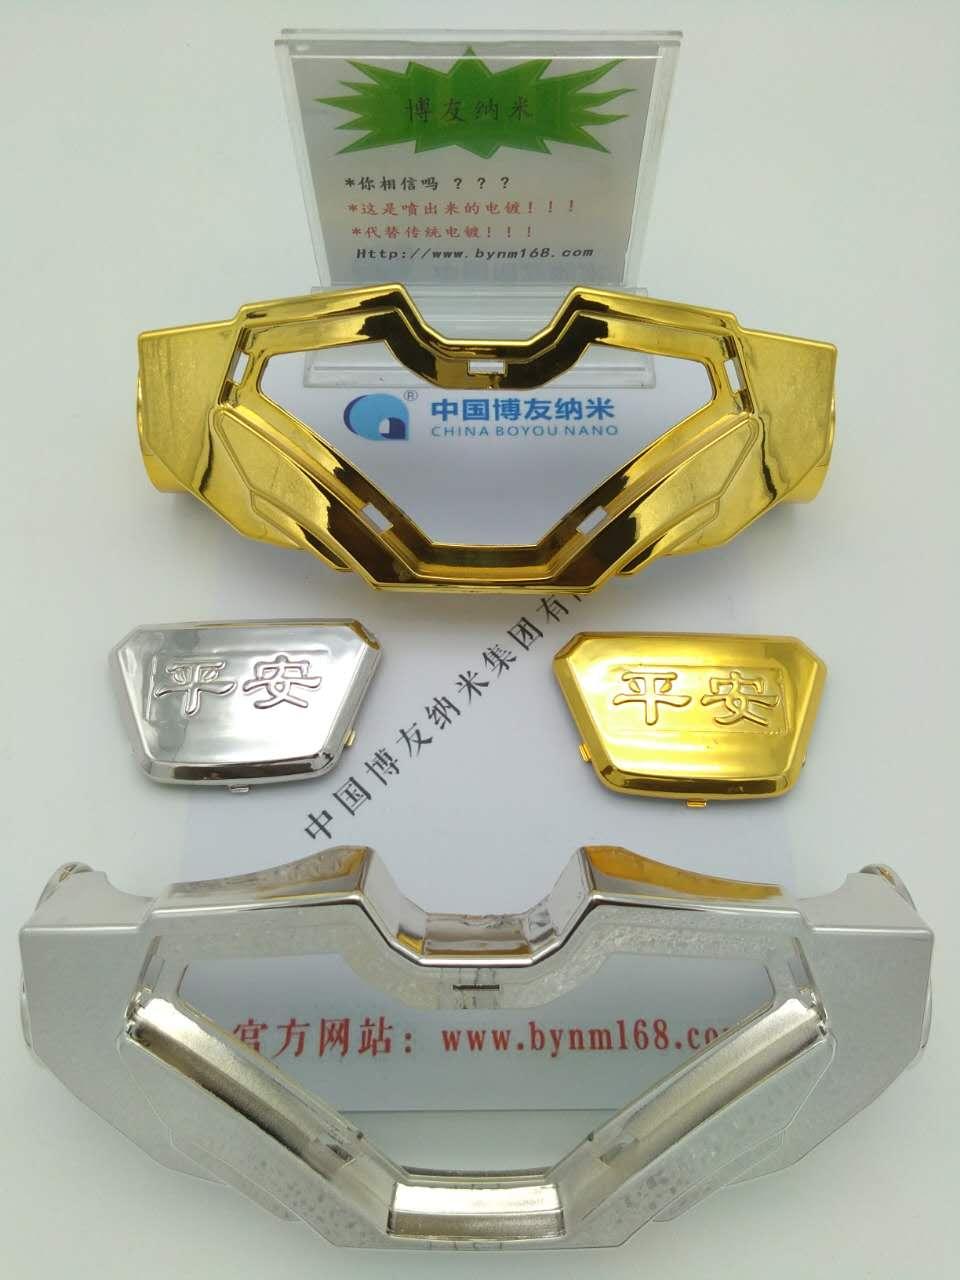 苏州环保电镀加工厂,纳米喷涂技术公司